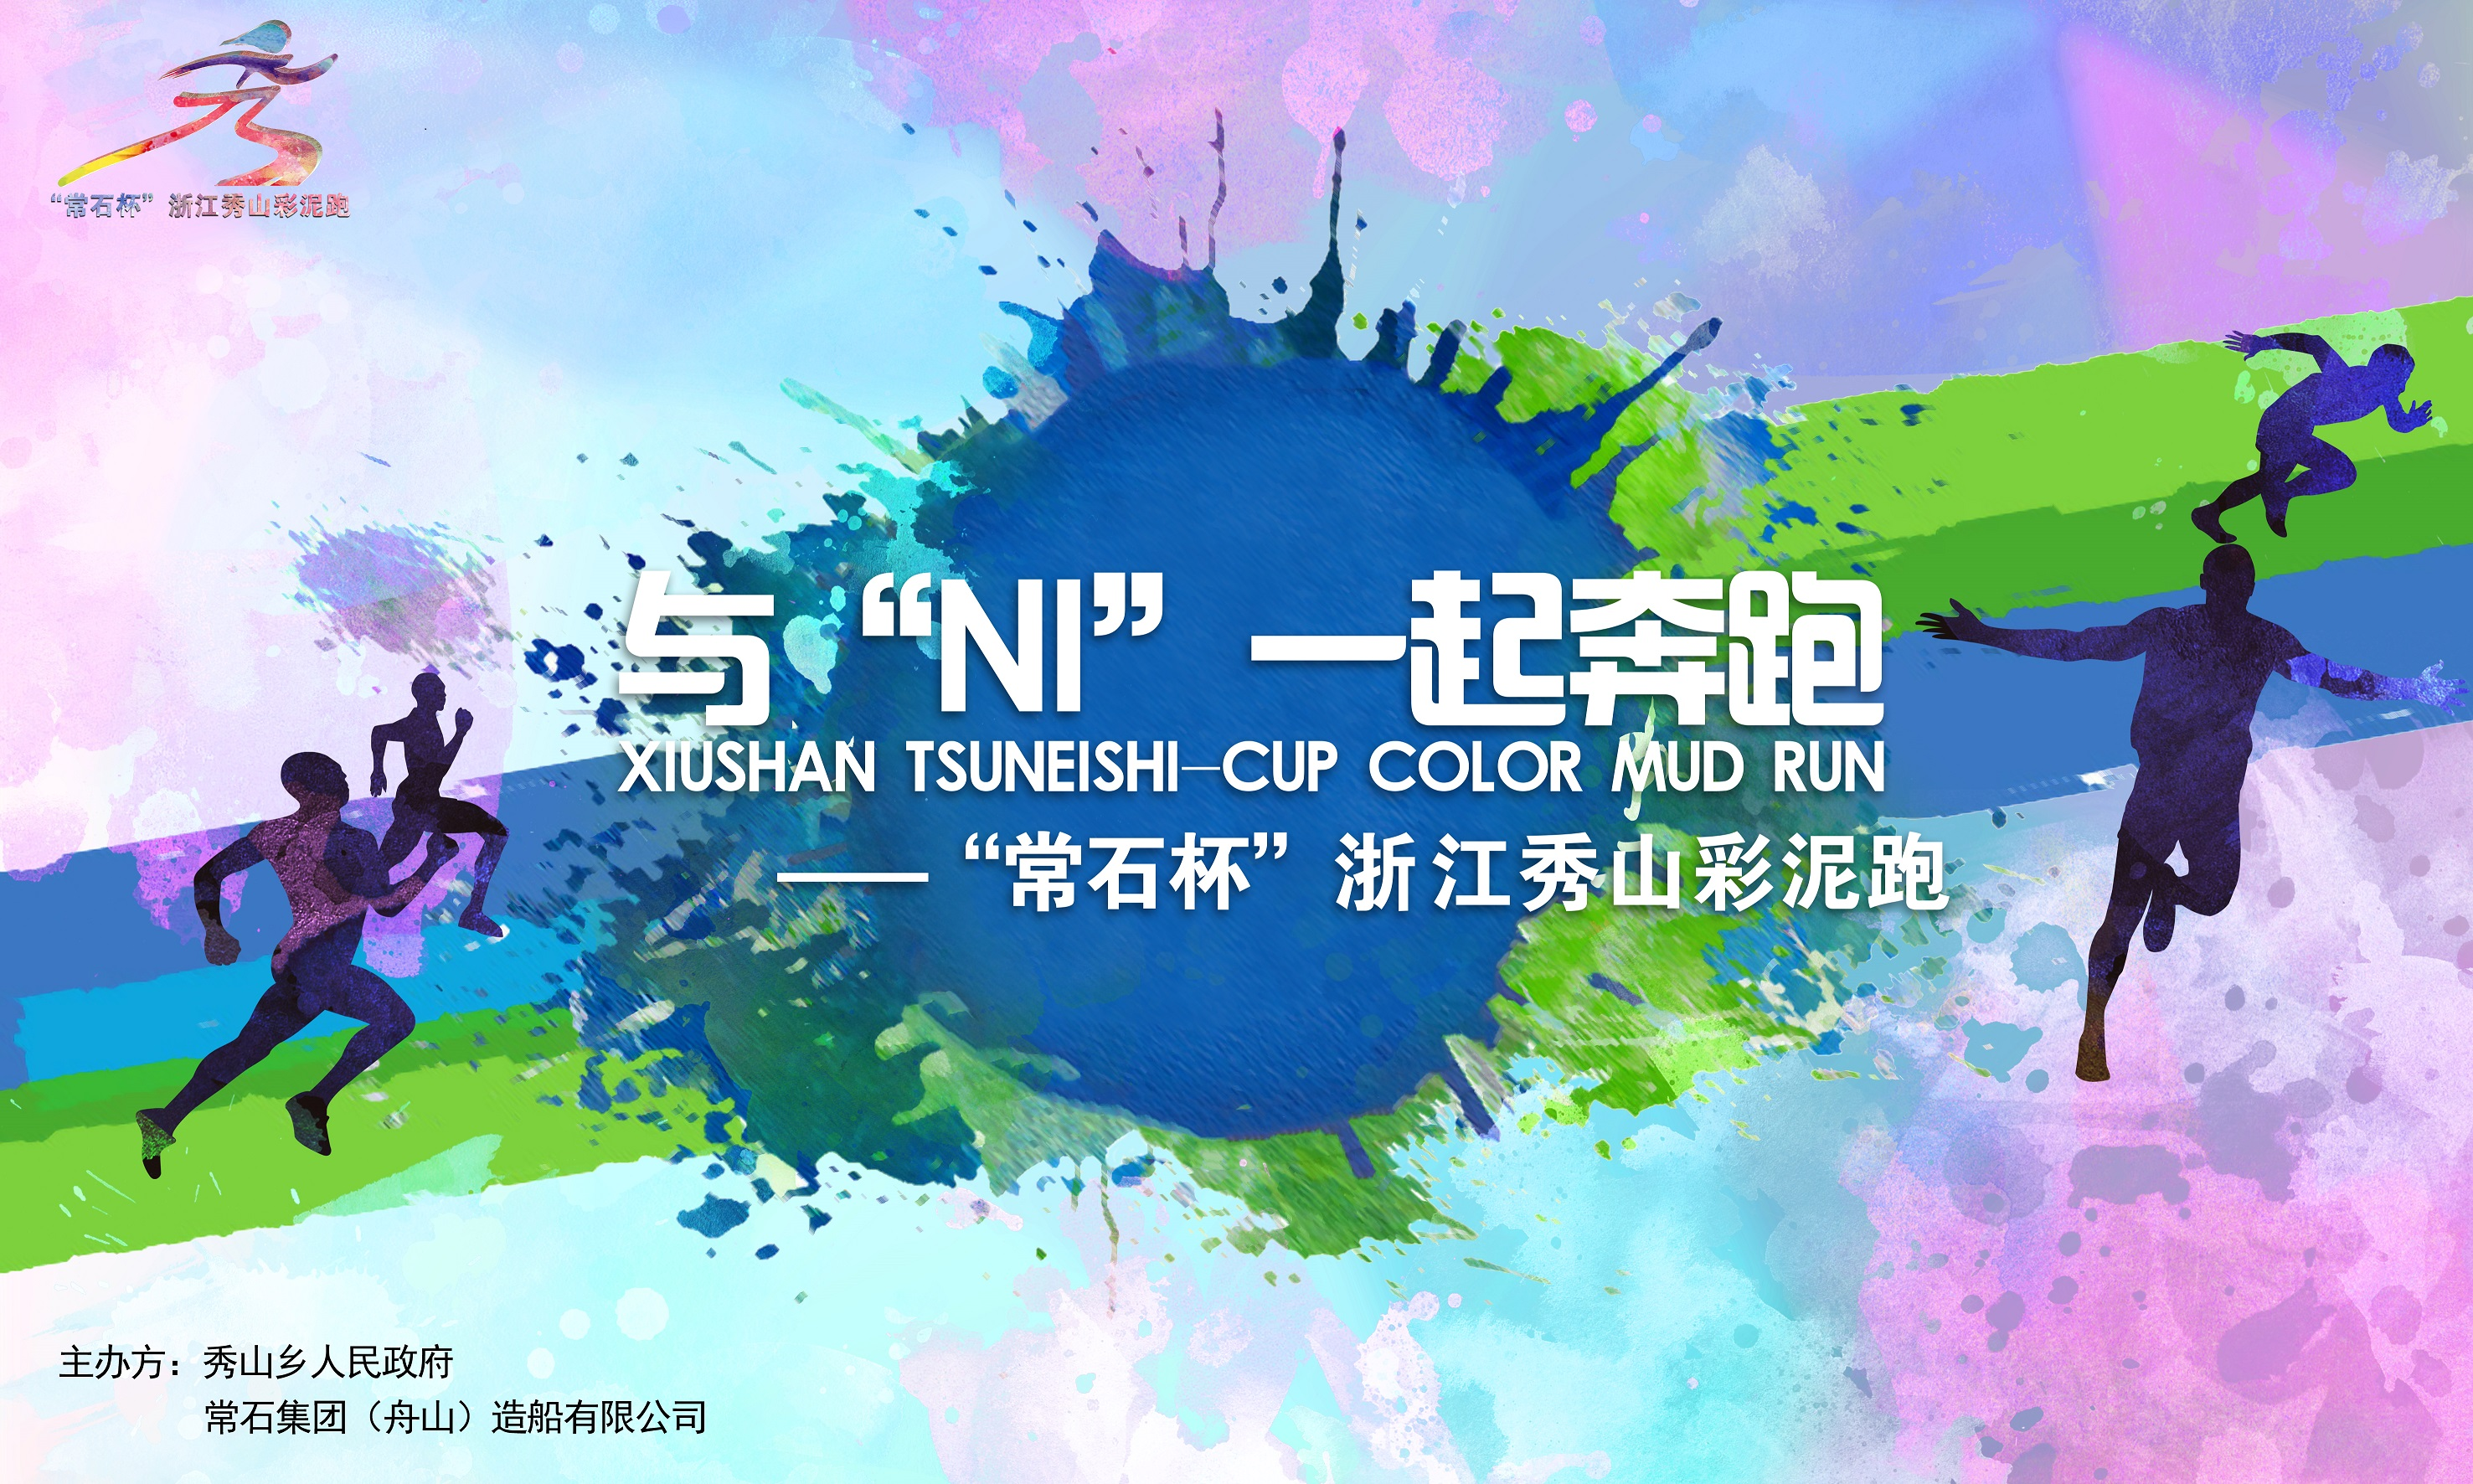 Xiushan Tsuneishi-Cup Color Mud Run (2016)